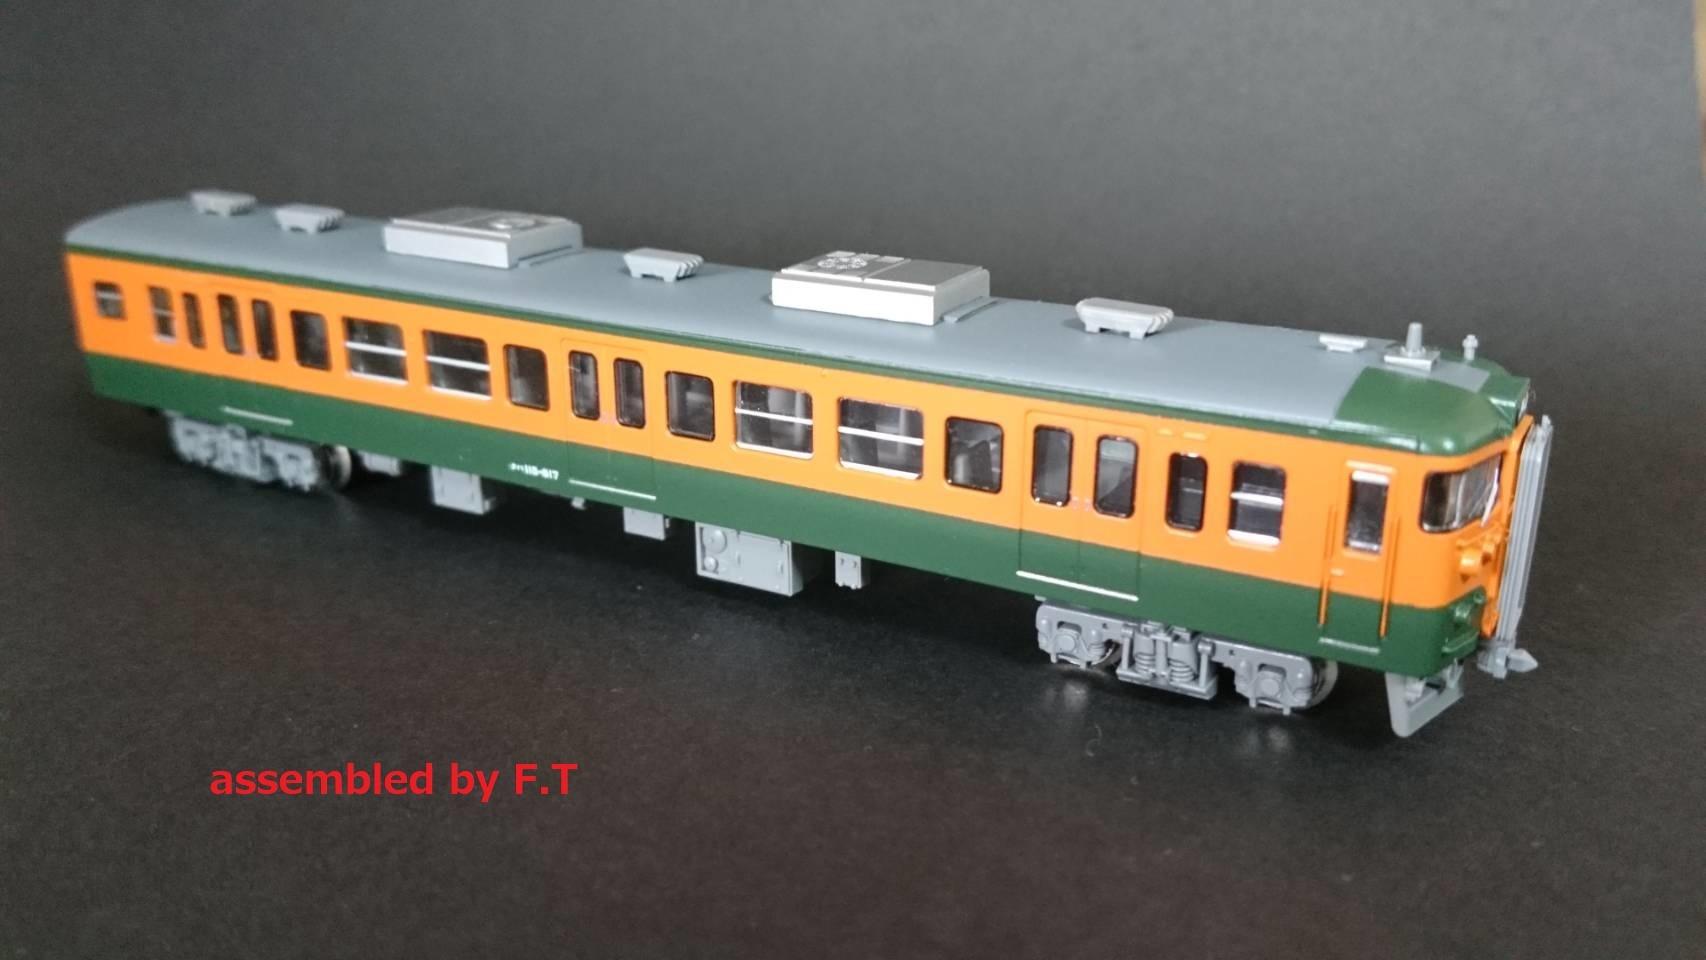 115系 クハ115-600 一体成型ボディキット_b0406338_04494205.jpg